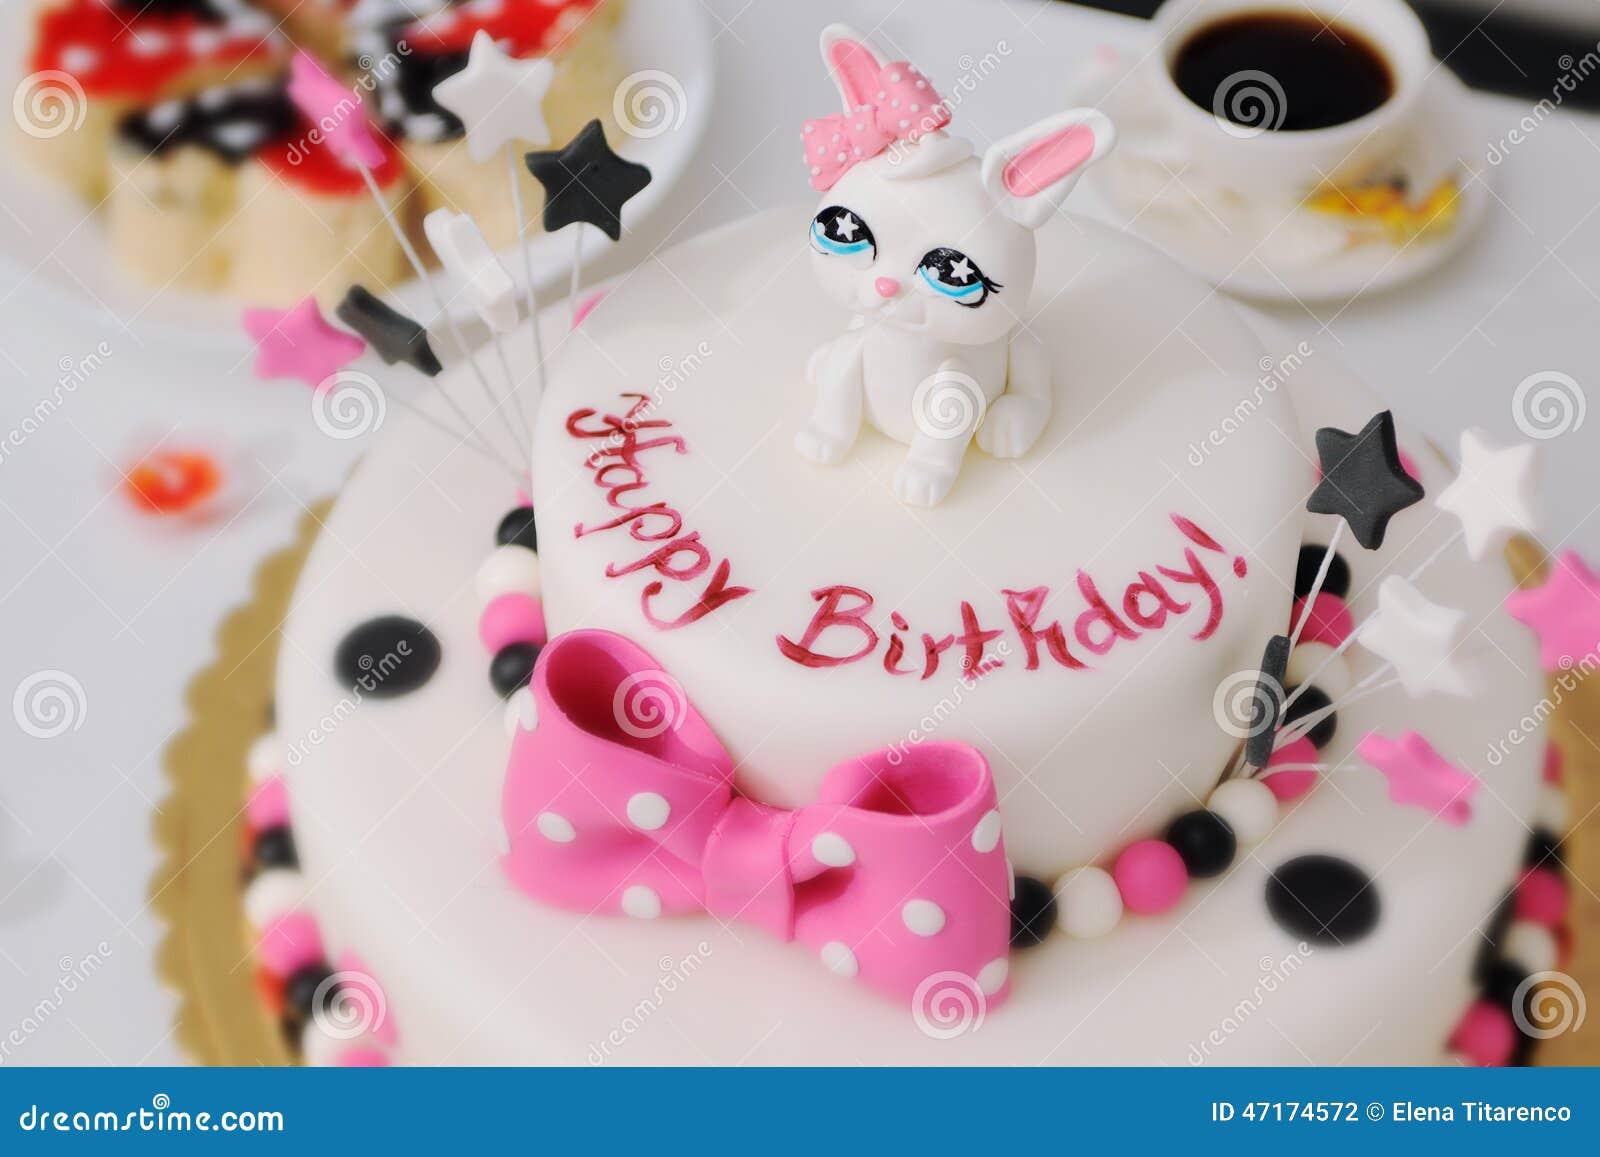 Buon Compleanno Fotografia Stock Immagine Di Decorato